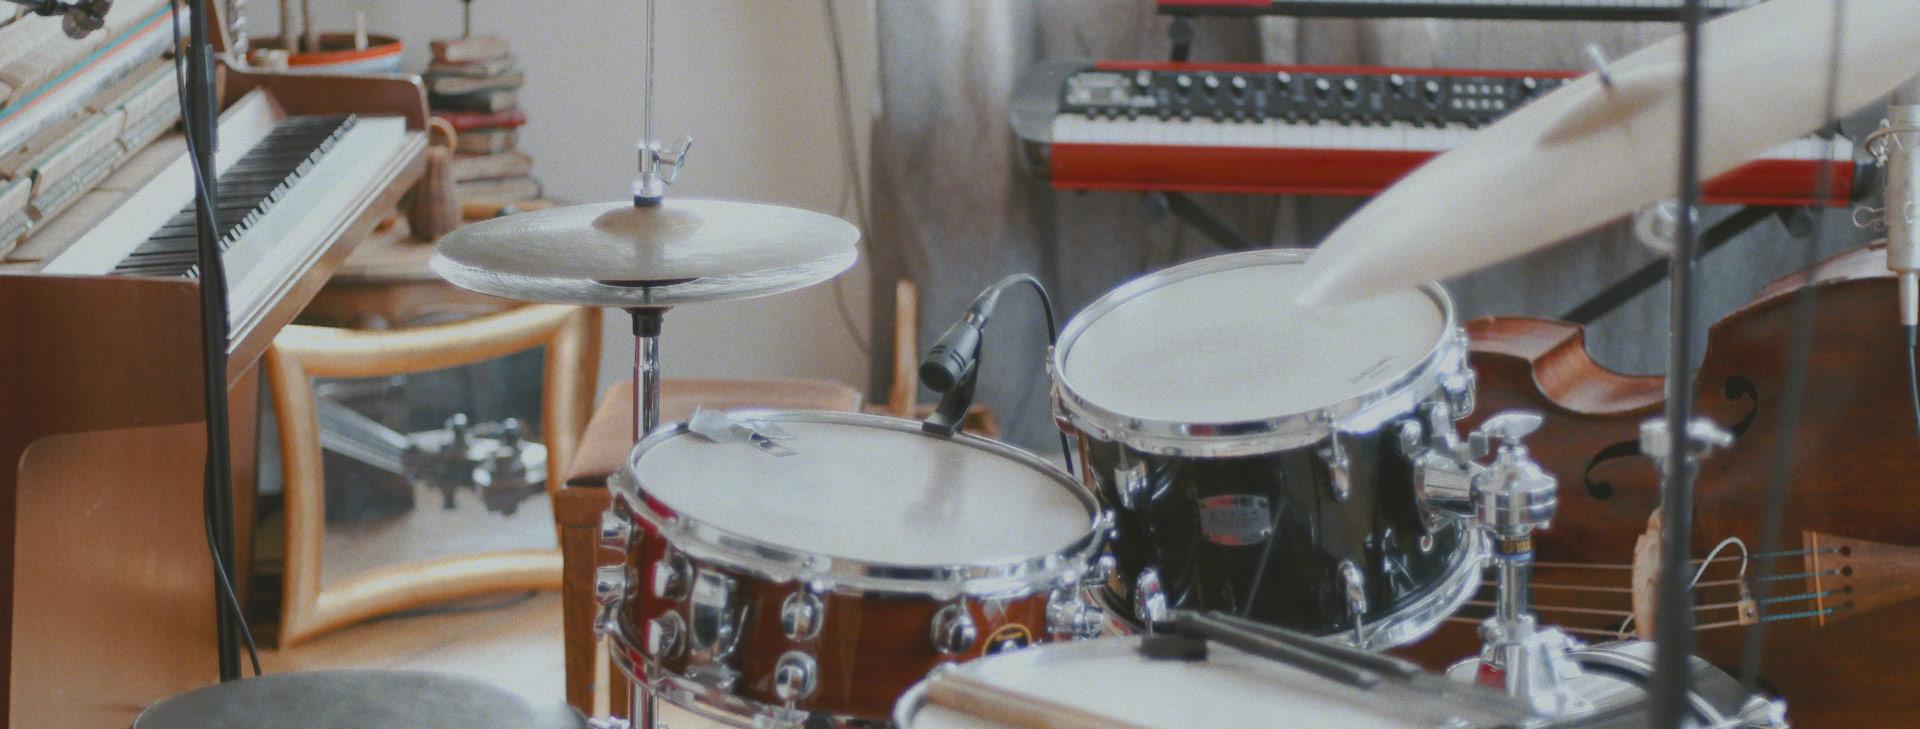 instruments.00_00_00_16.Still001